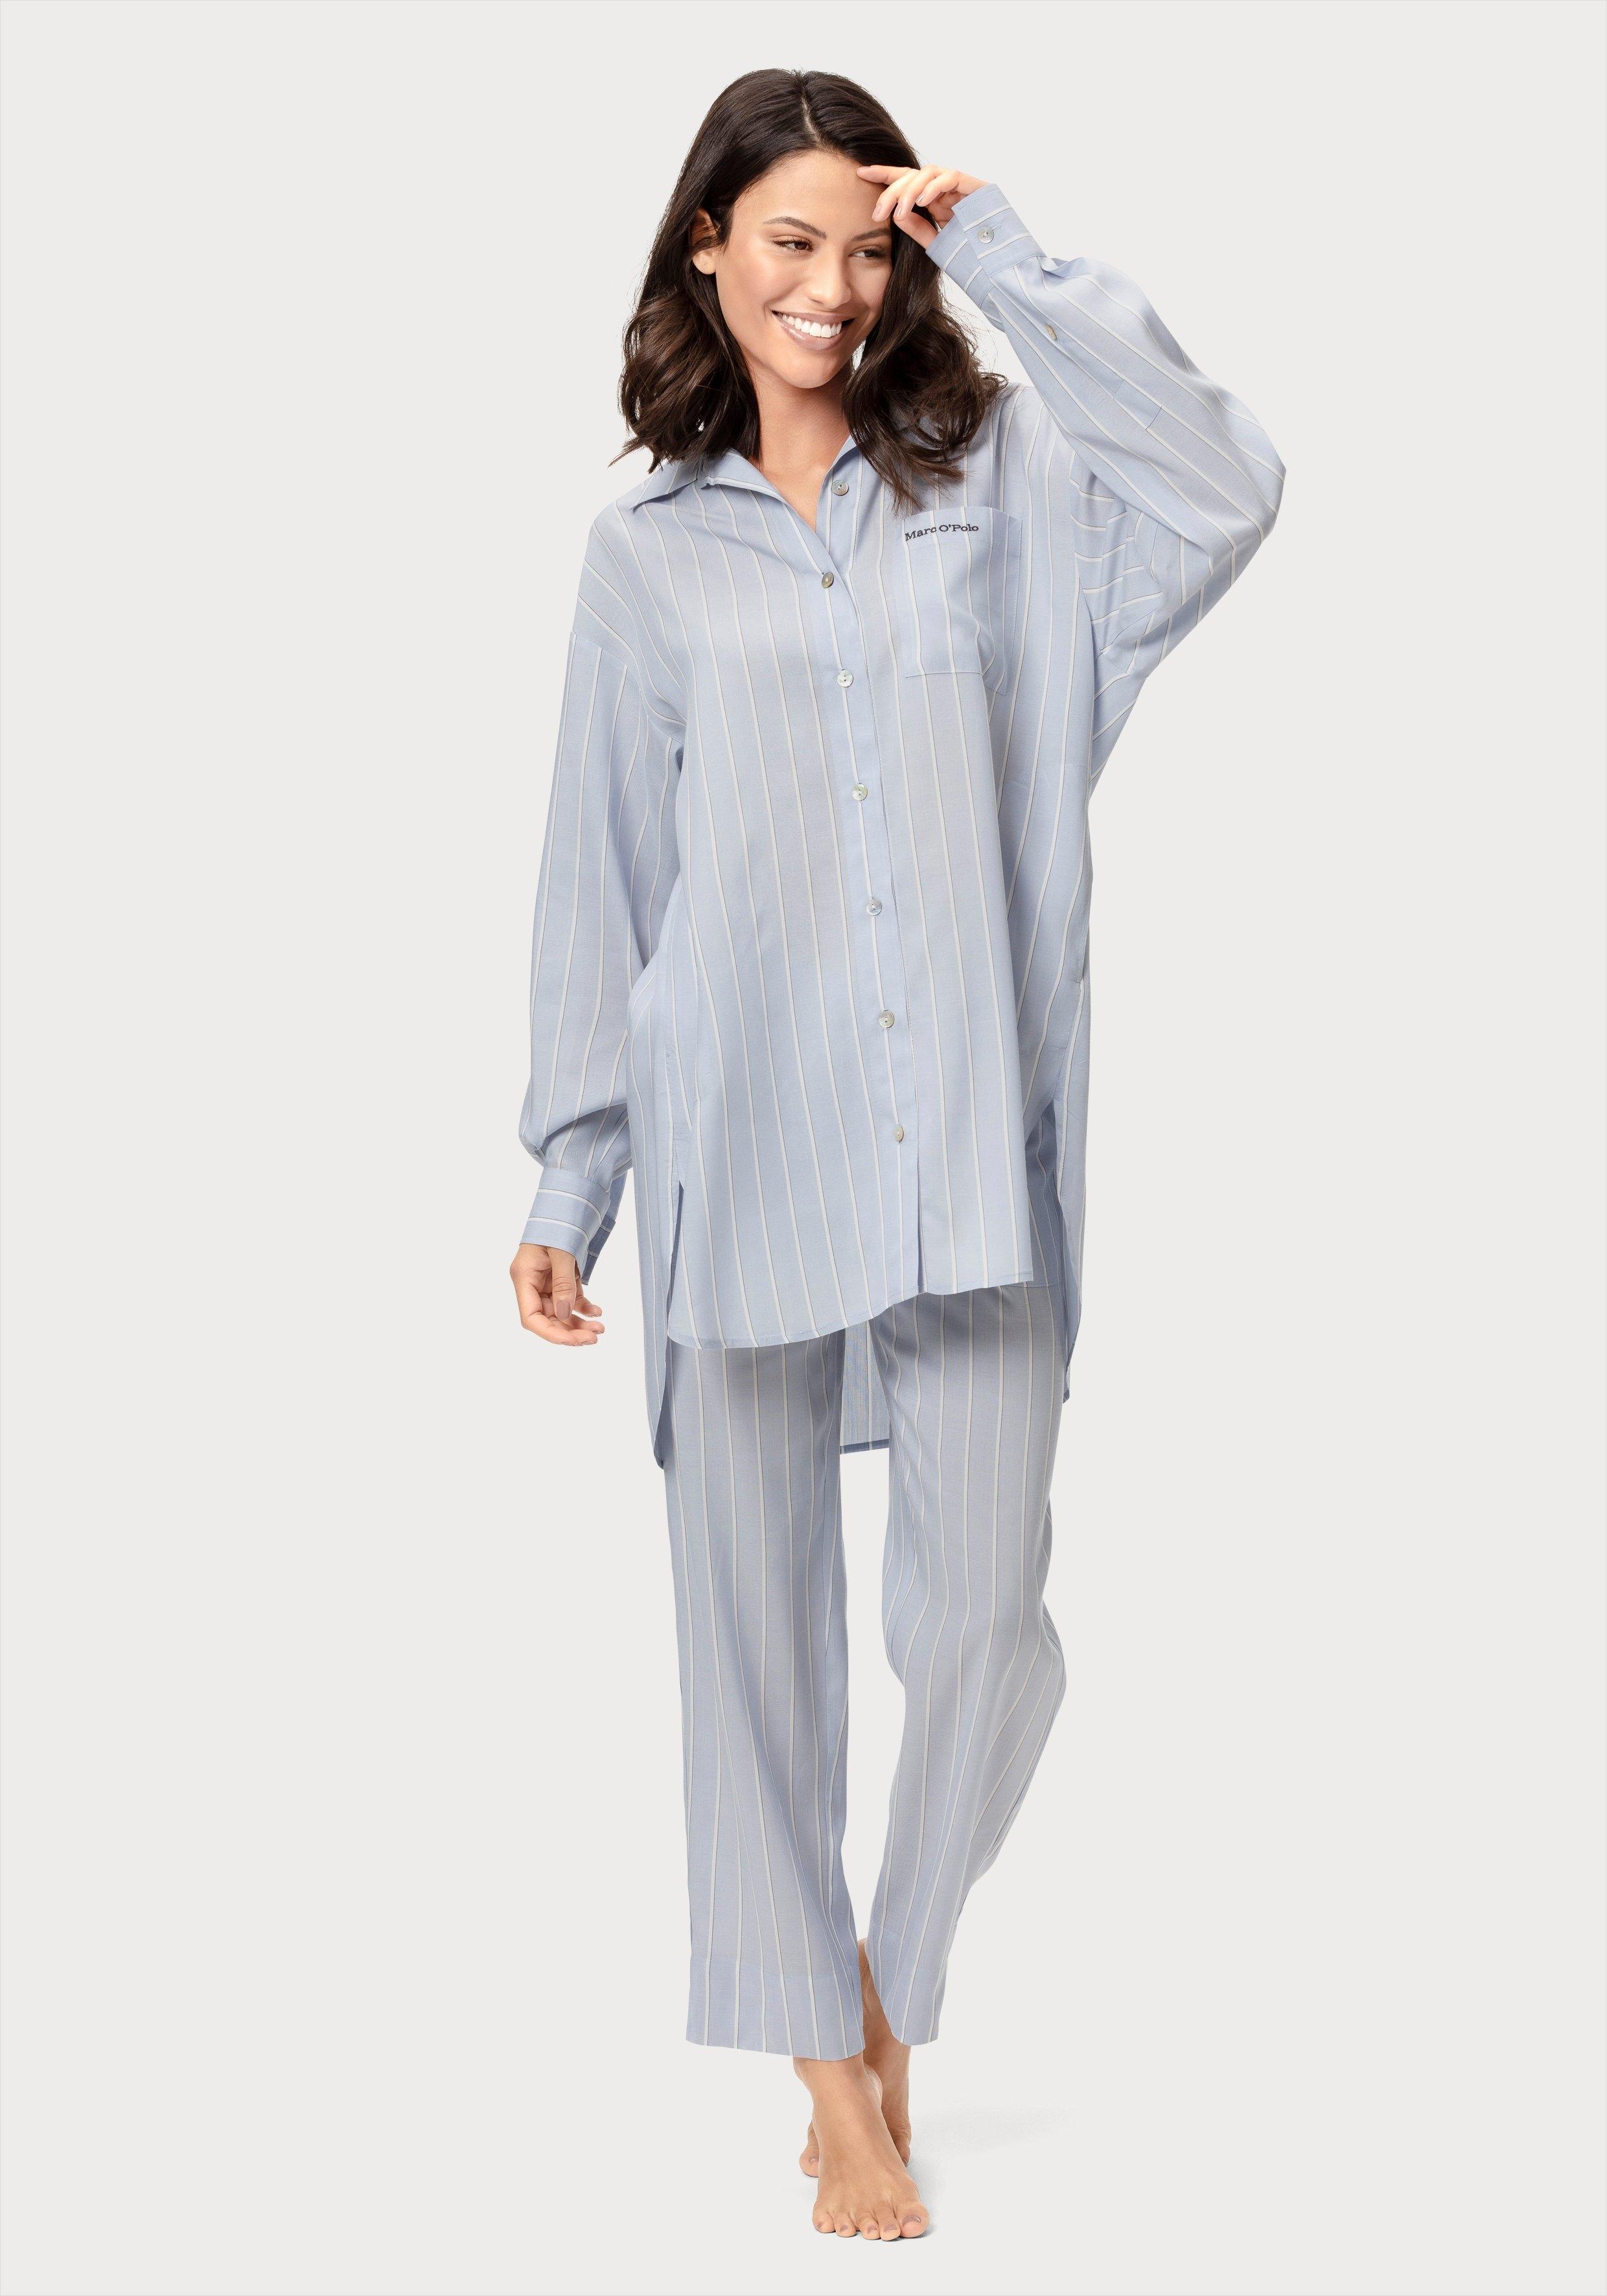 Marc O'Polo nachthemd met streepdessin - gratis ruilen op lascana.nl